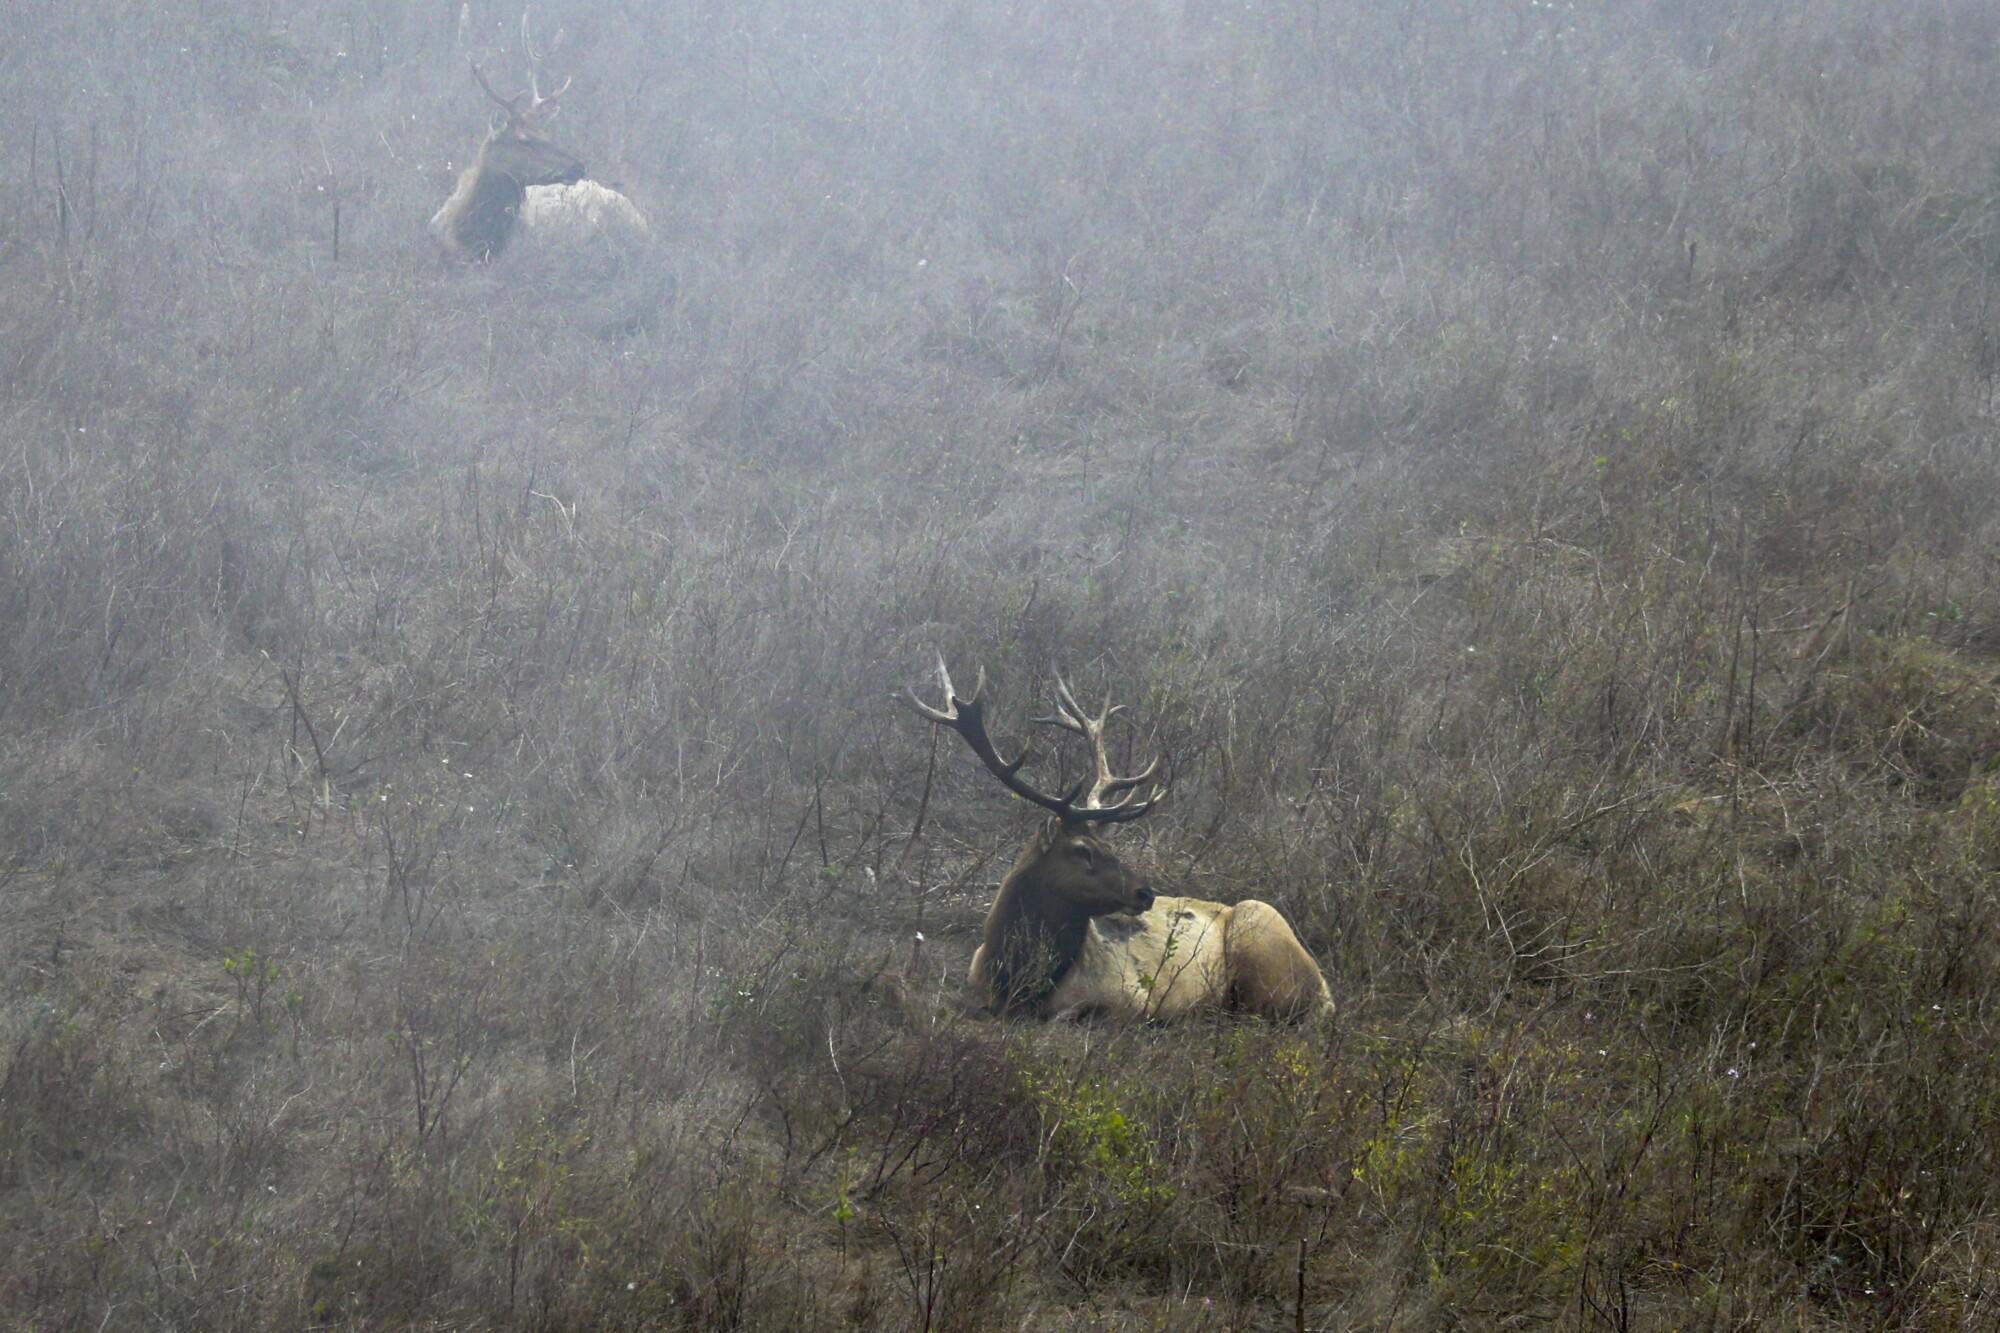 Tule elk at the Point Reyes National Seashore.